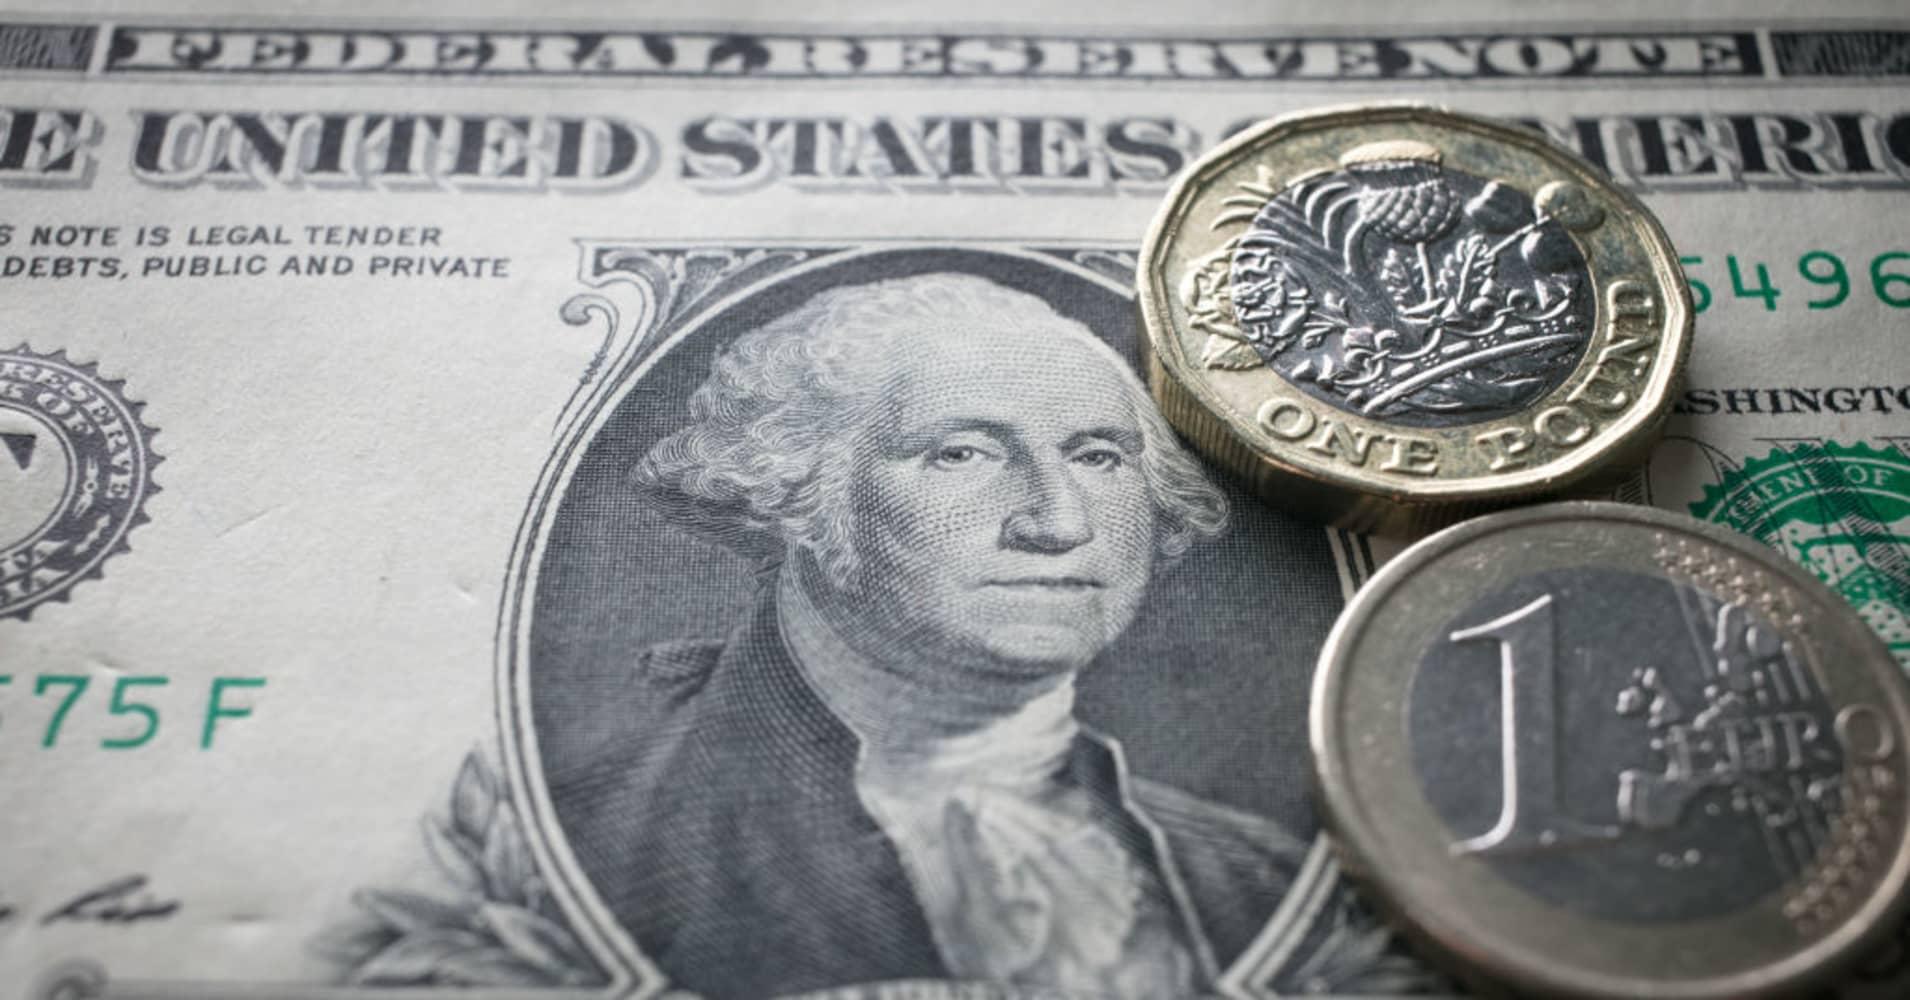 Kudlow Trump Needs A Return To King Dollar